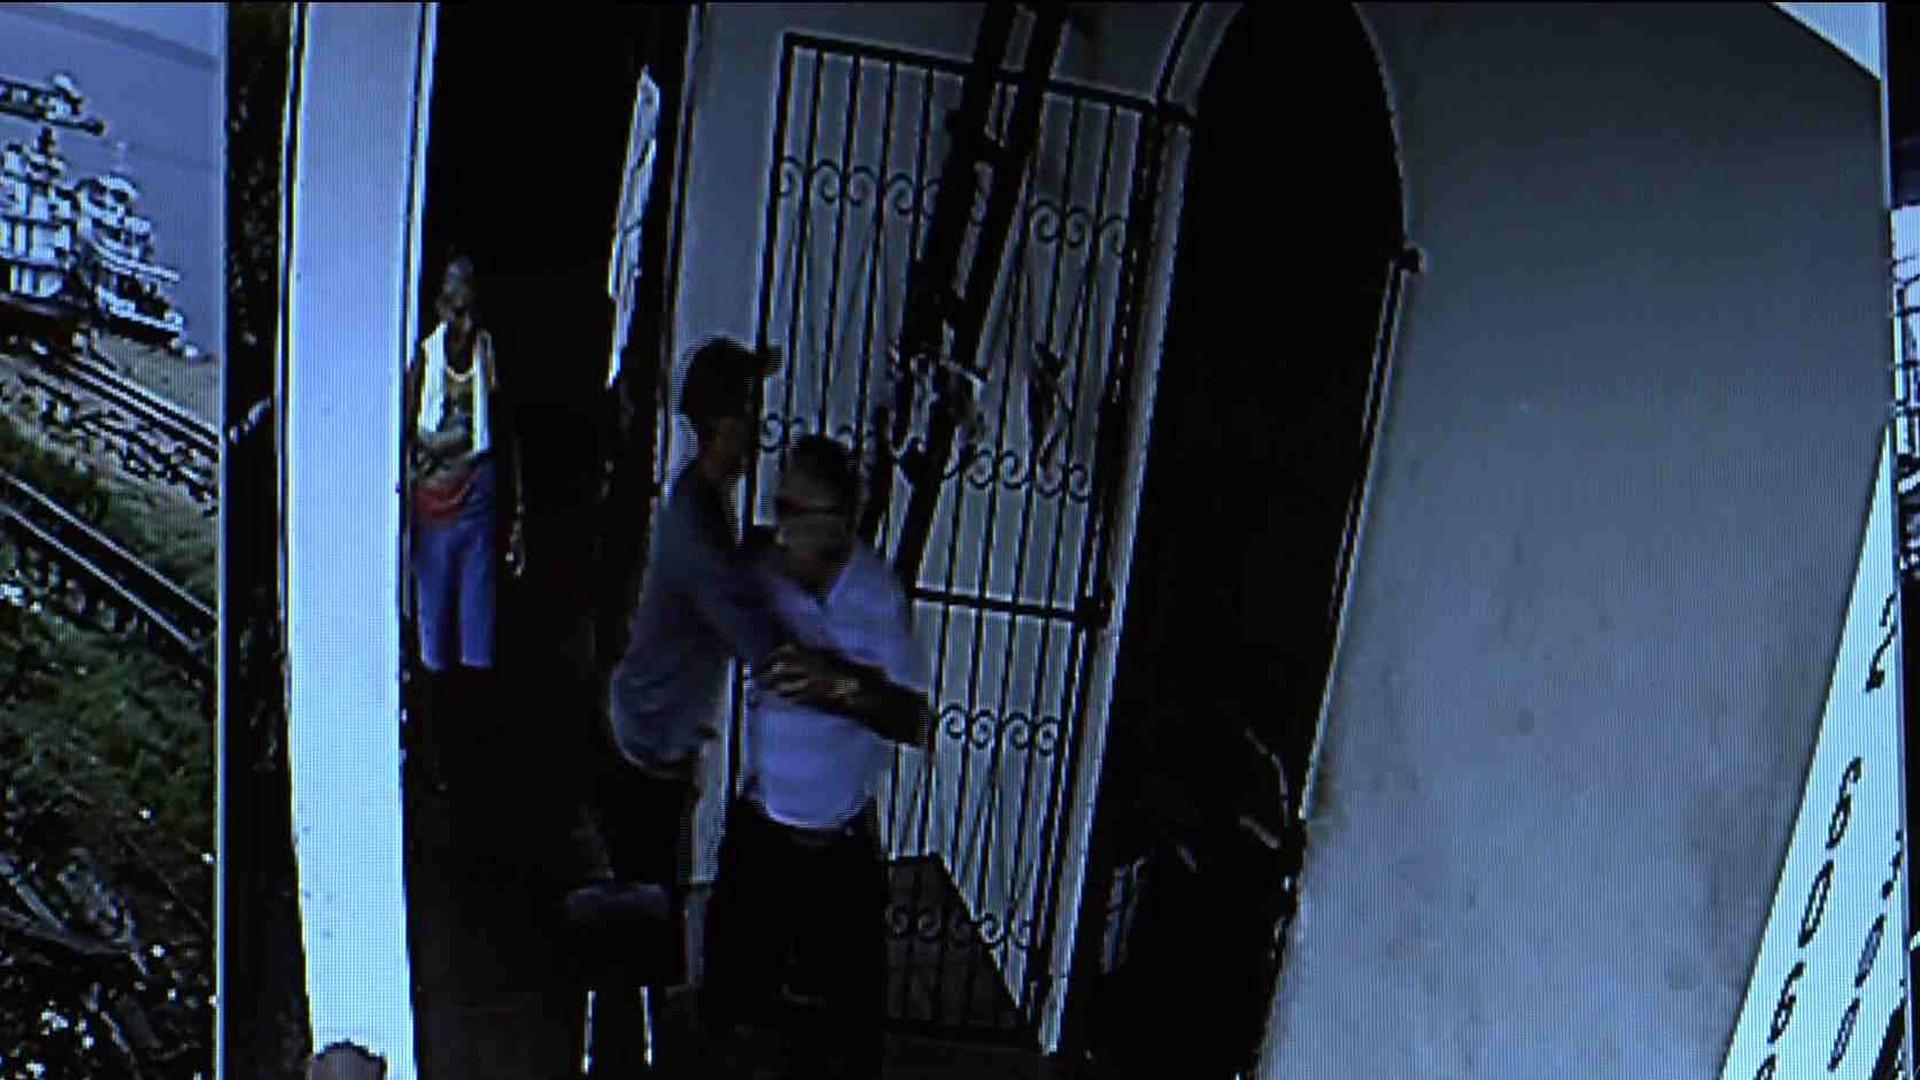 DUPLA ASSALTA ESTALEIRO E AGRIDE FAMÍLIA - Cidade Alerta Manaus - 12/12/17